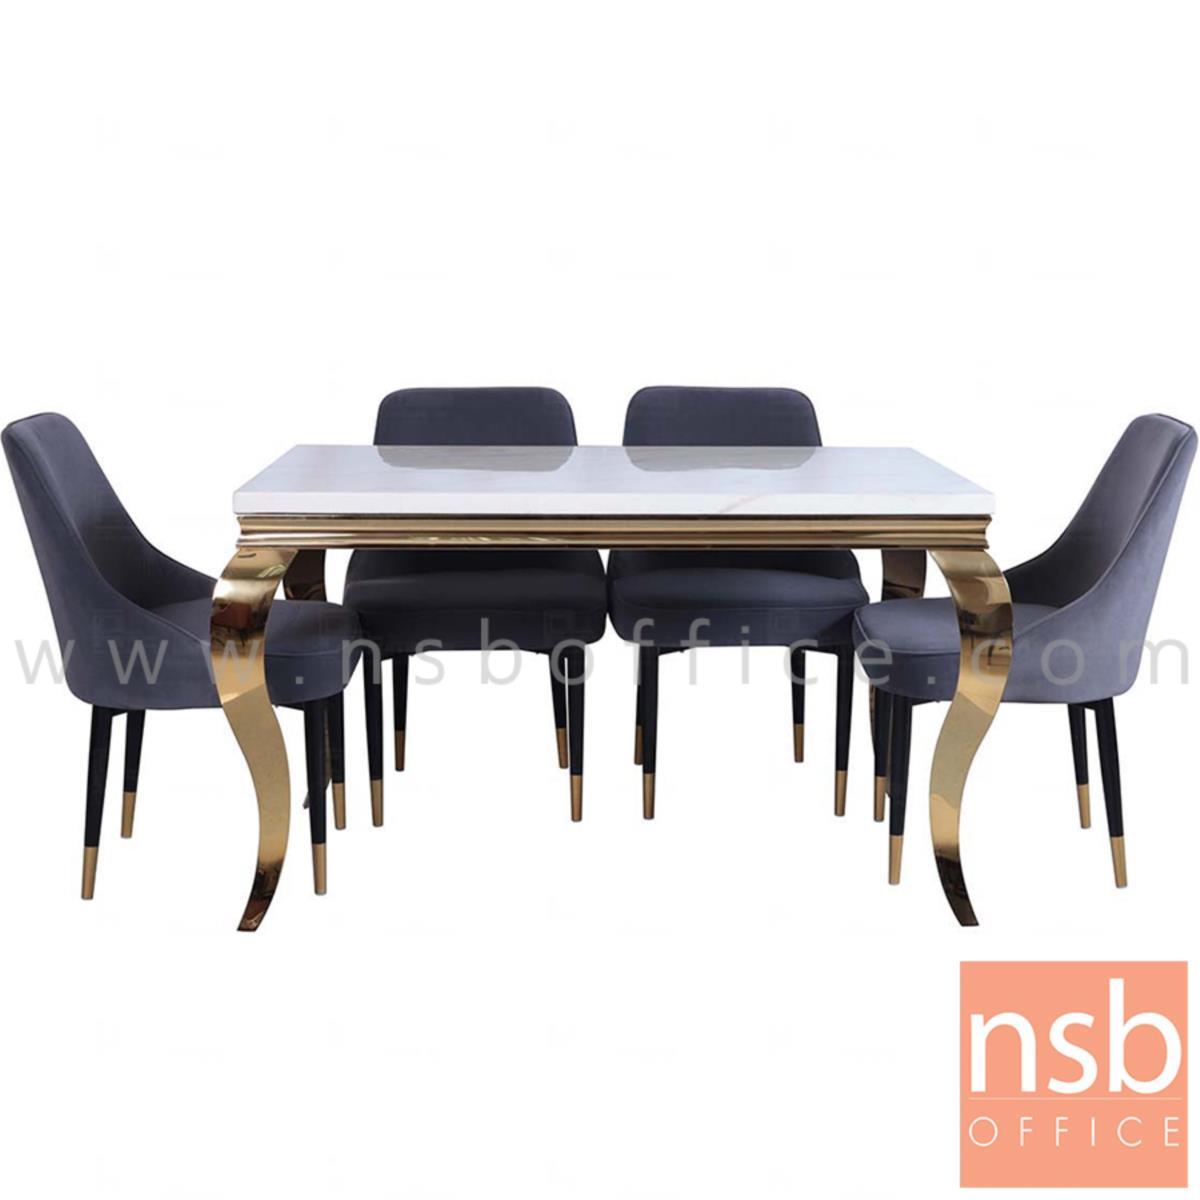 G14A222:ชุดโต๊ะรับประทานอาหารหน้าหินอ่อน 4 ที่นั่ง รุ่น Fremont (ฟรีมอนต์) พร้อมเก้าอี้เบาะหุ้มผ้า